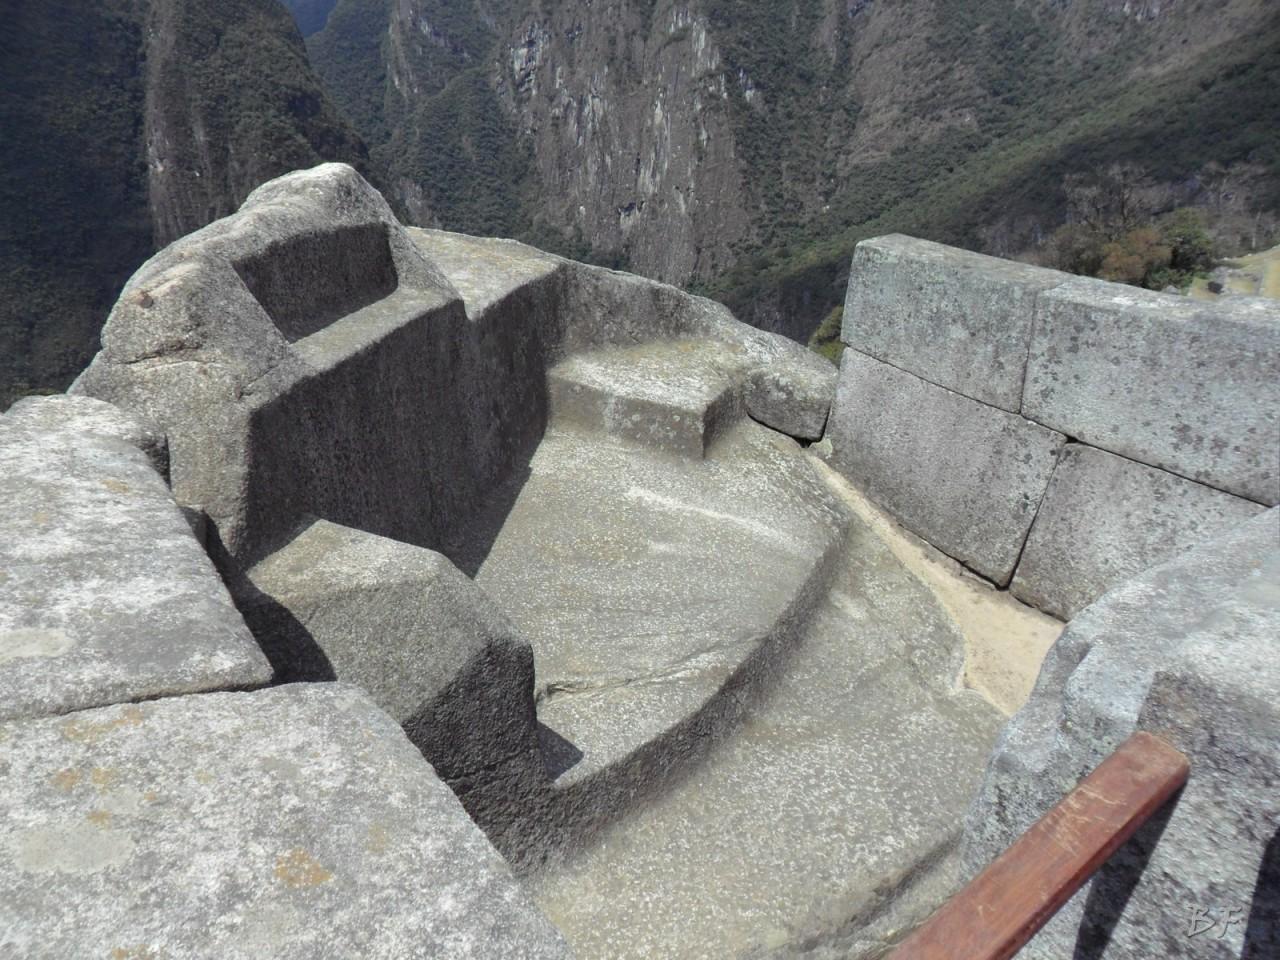 Mura-Poligonali-Incisioni-Altari-Edifici-Rupestri-Megaliti-Machu-Picchu-Aguas-Calientes-Urubamba-Cusco-Perù-152